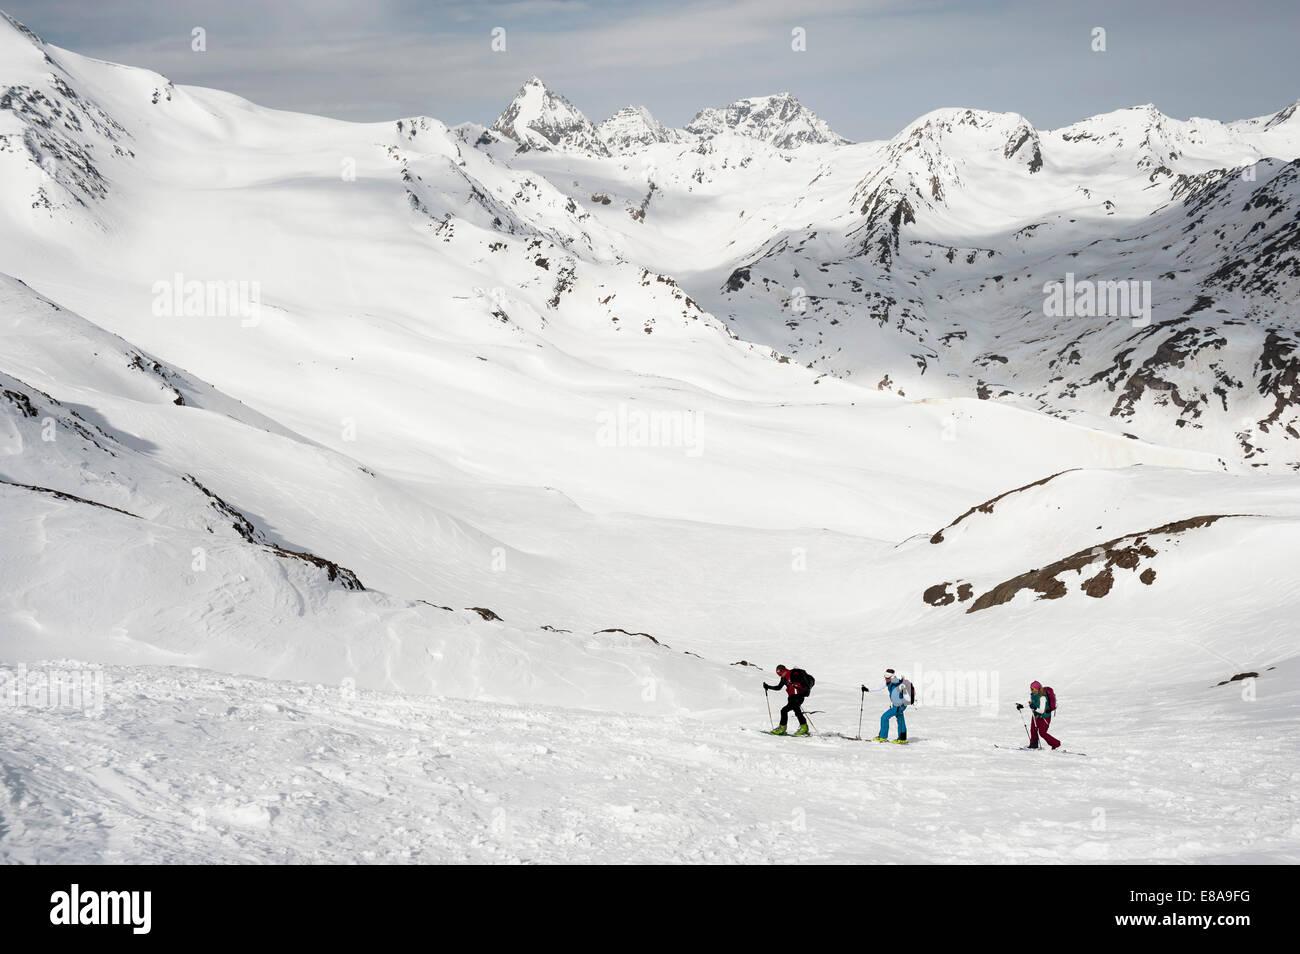 Cross-country ski tour mountain snow winter - Stock Image